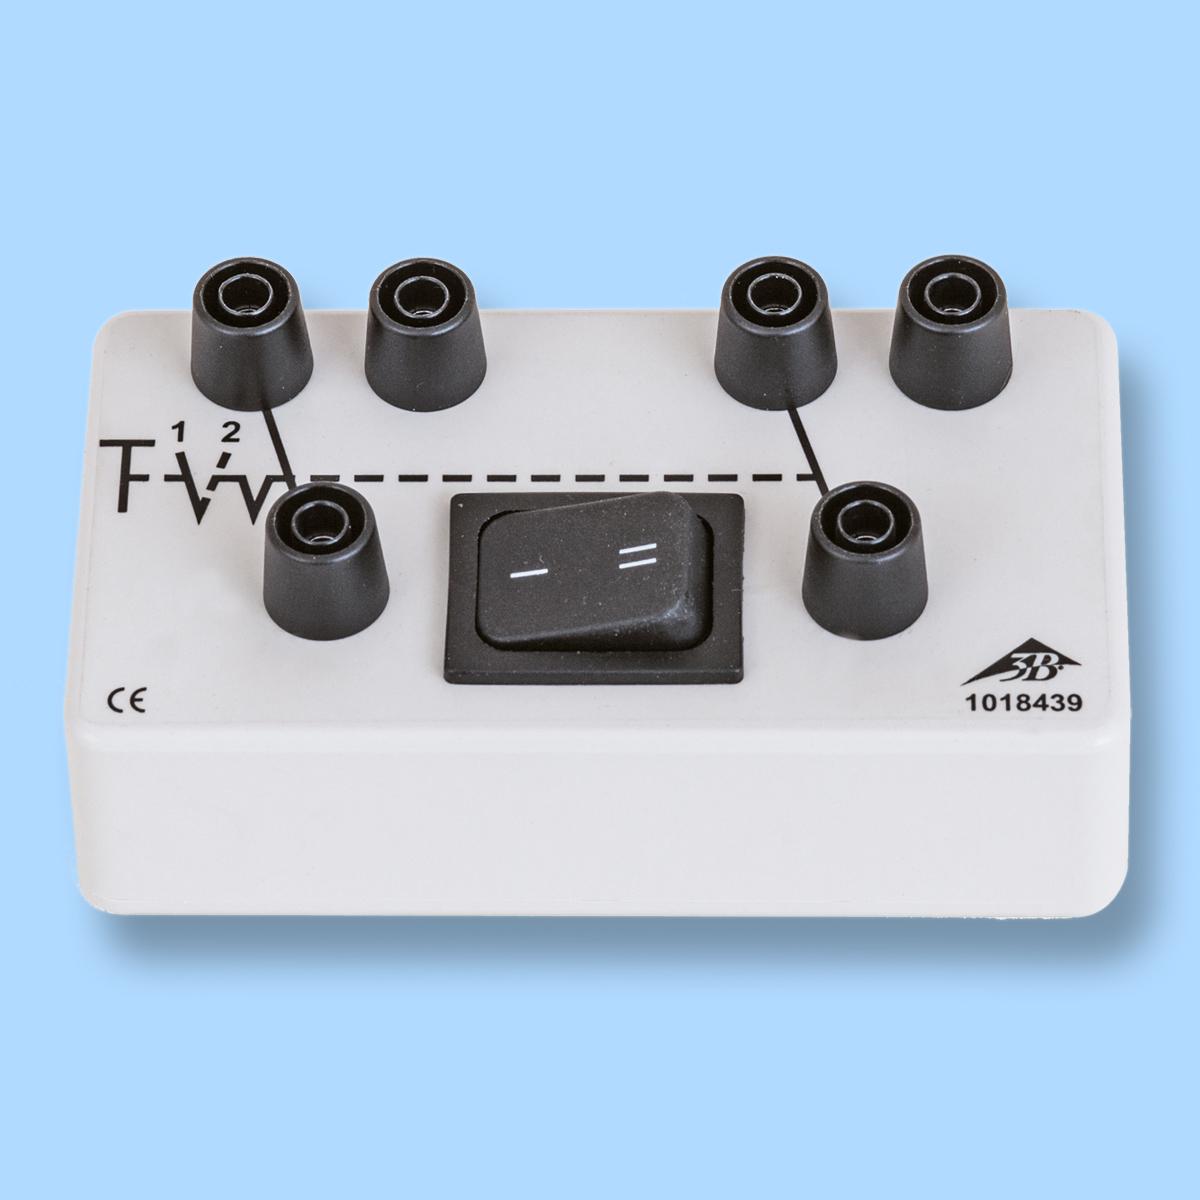 Zweipoliger Umschalter - 1018439 - U8495901 - Elektrischer ...